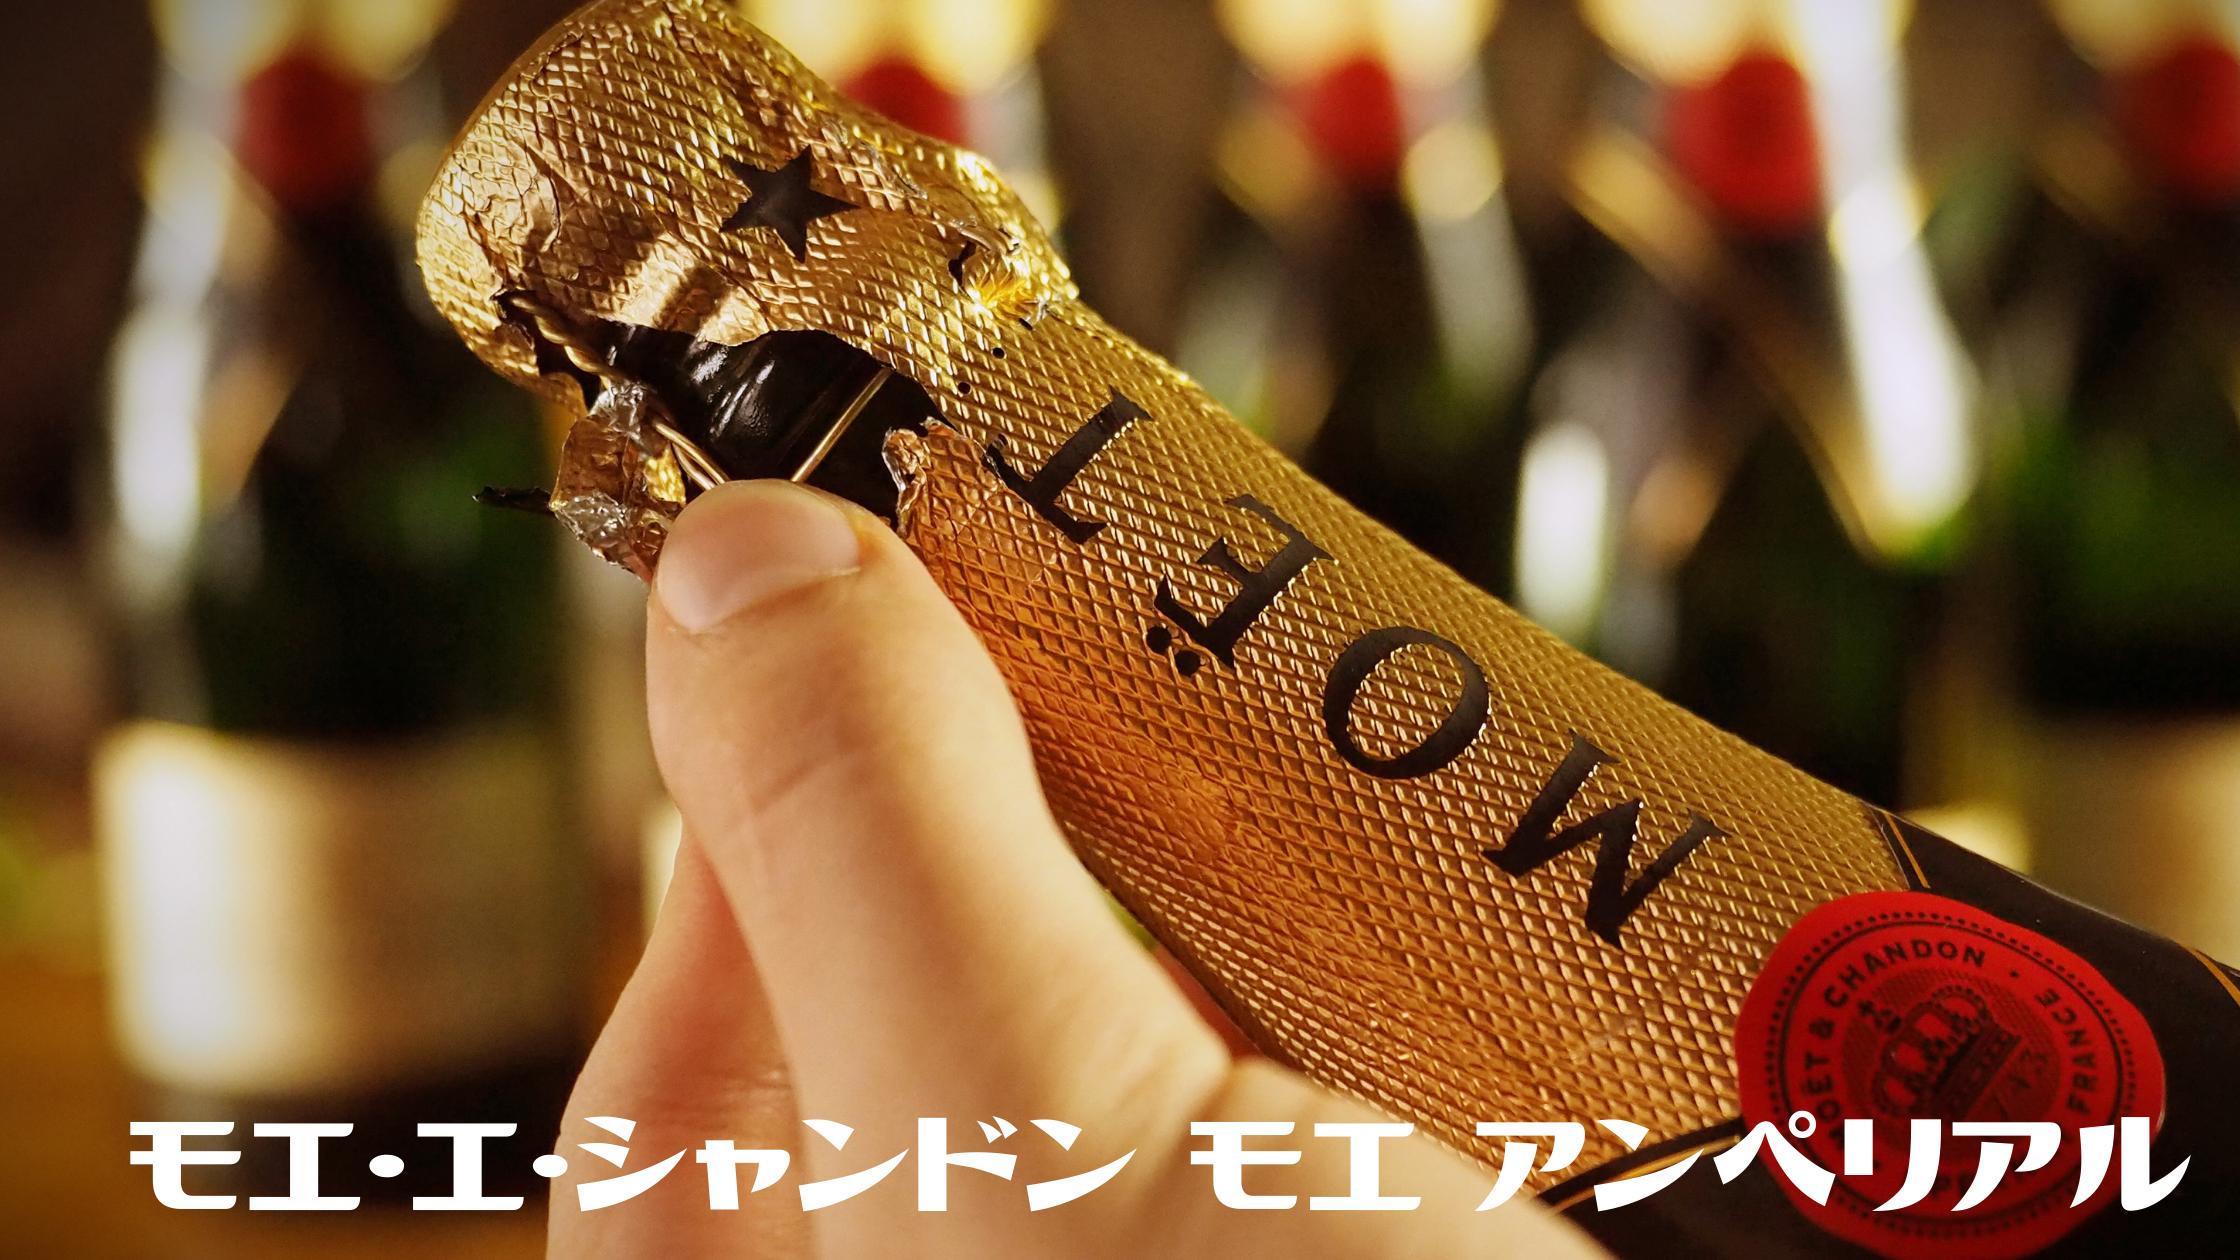 【ダウンタウンなう】東山紀之さんお気にいりのシャンパン